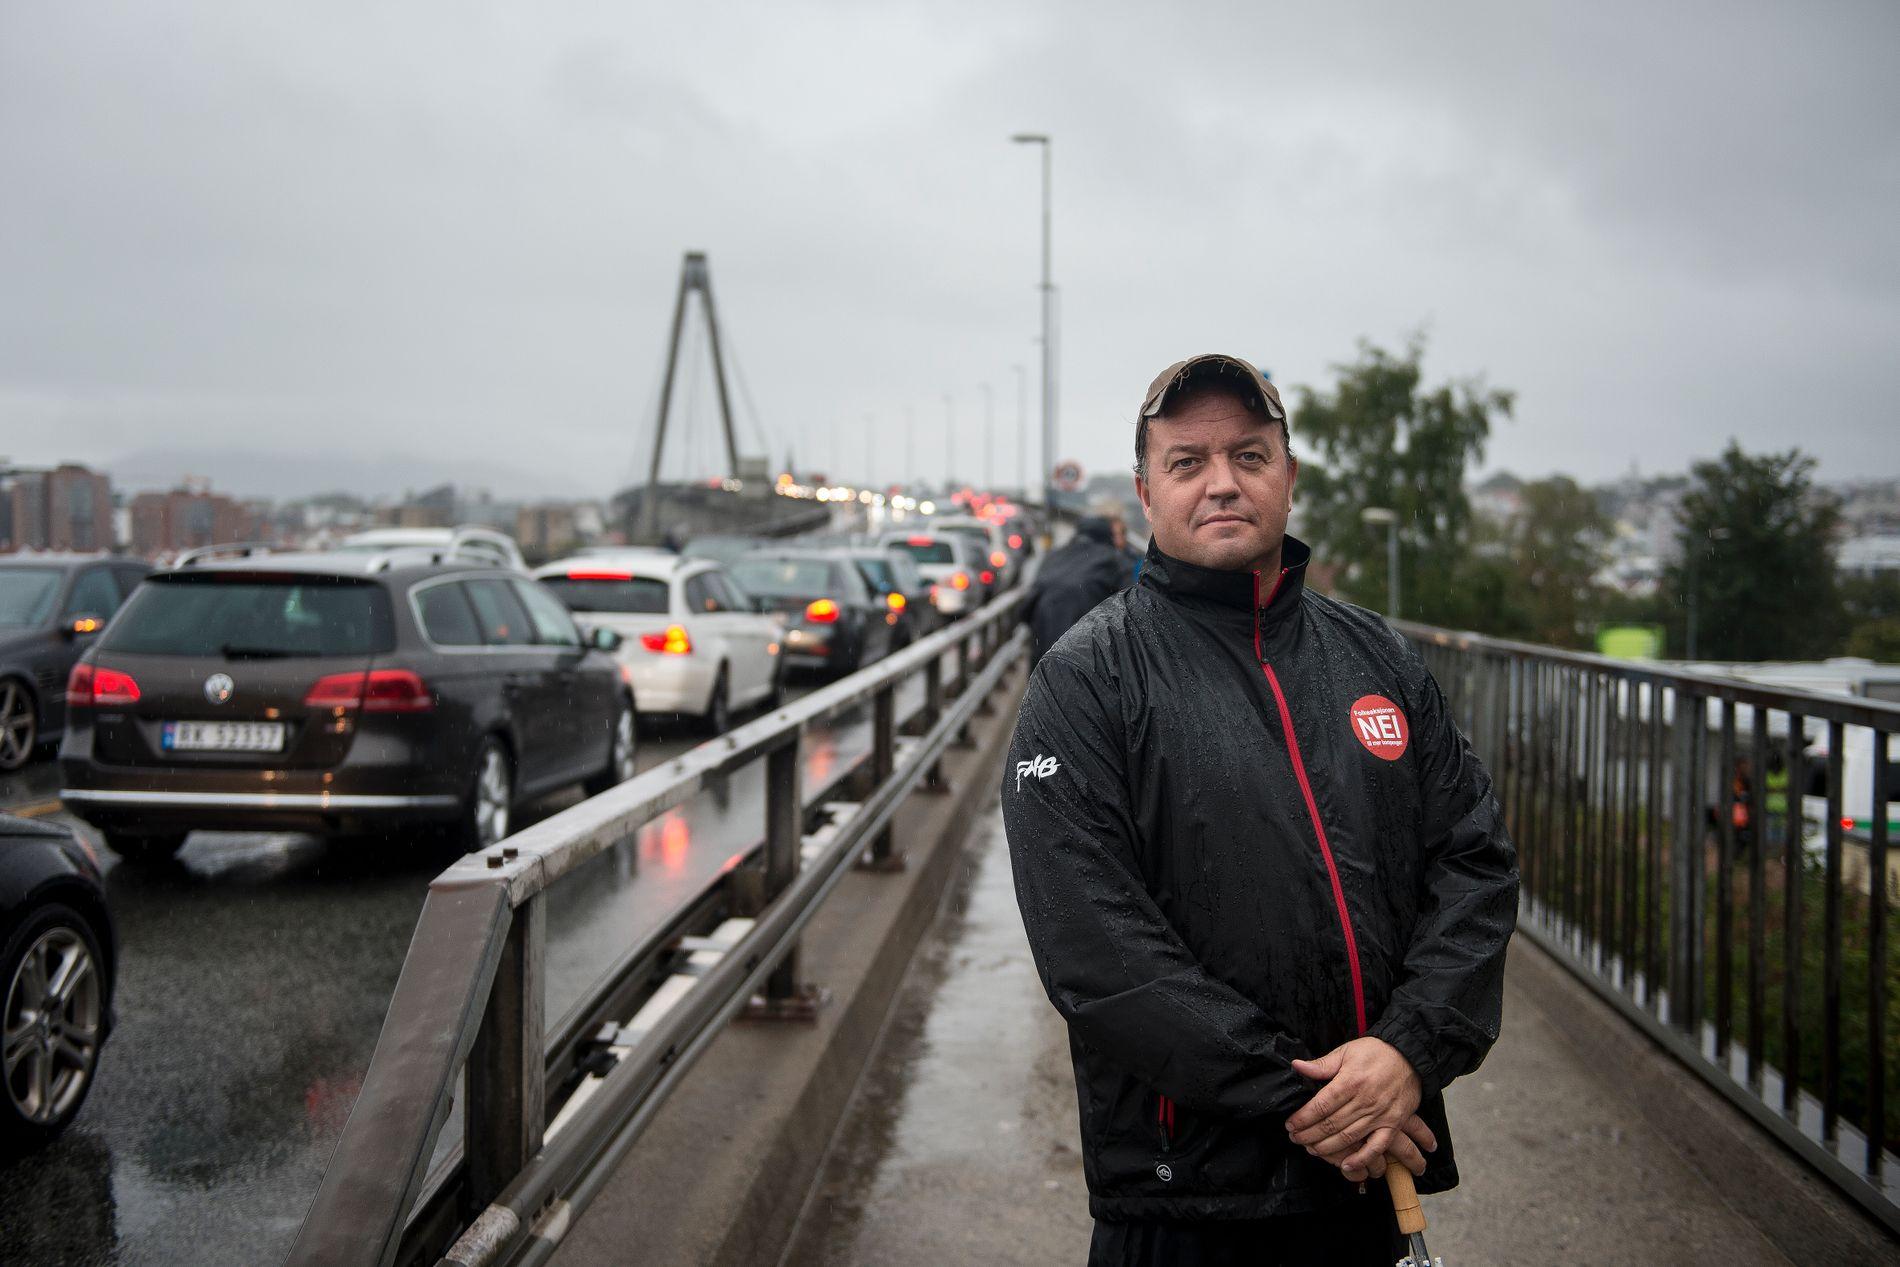 VIPPEPARTI: Frode Myrhol og Folkeaksjonen nei til mer bompenger kan avgjøre hvem som blir ordfører i Stavanger.